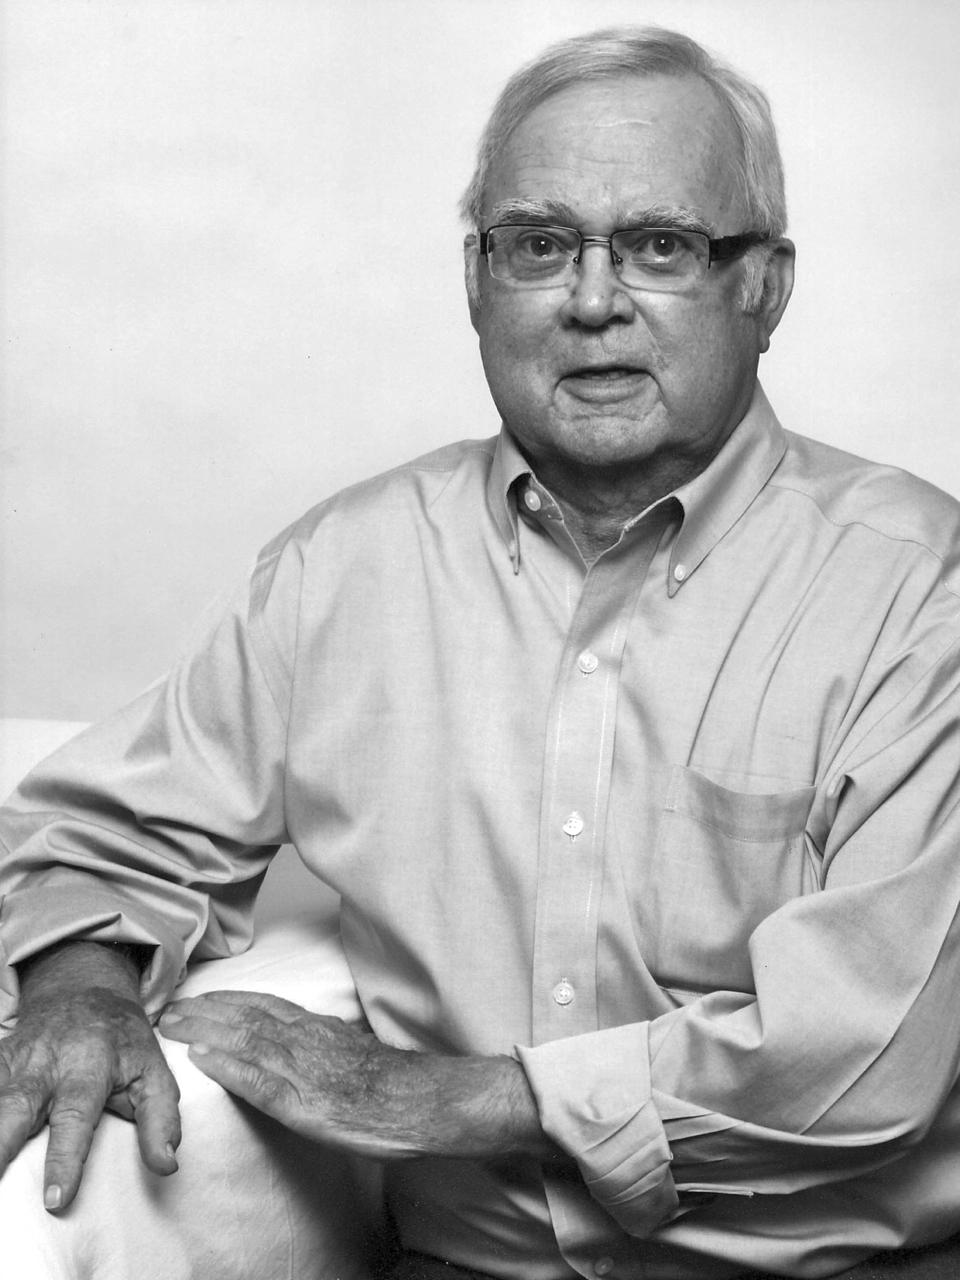 Jim Dalrymple